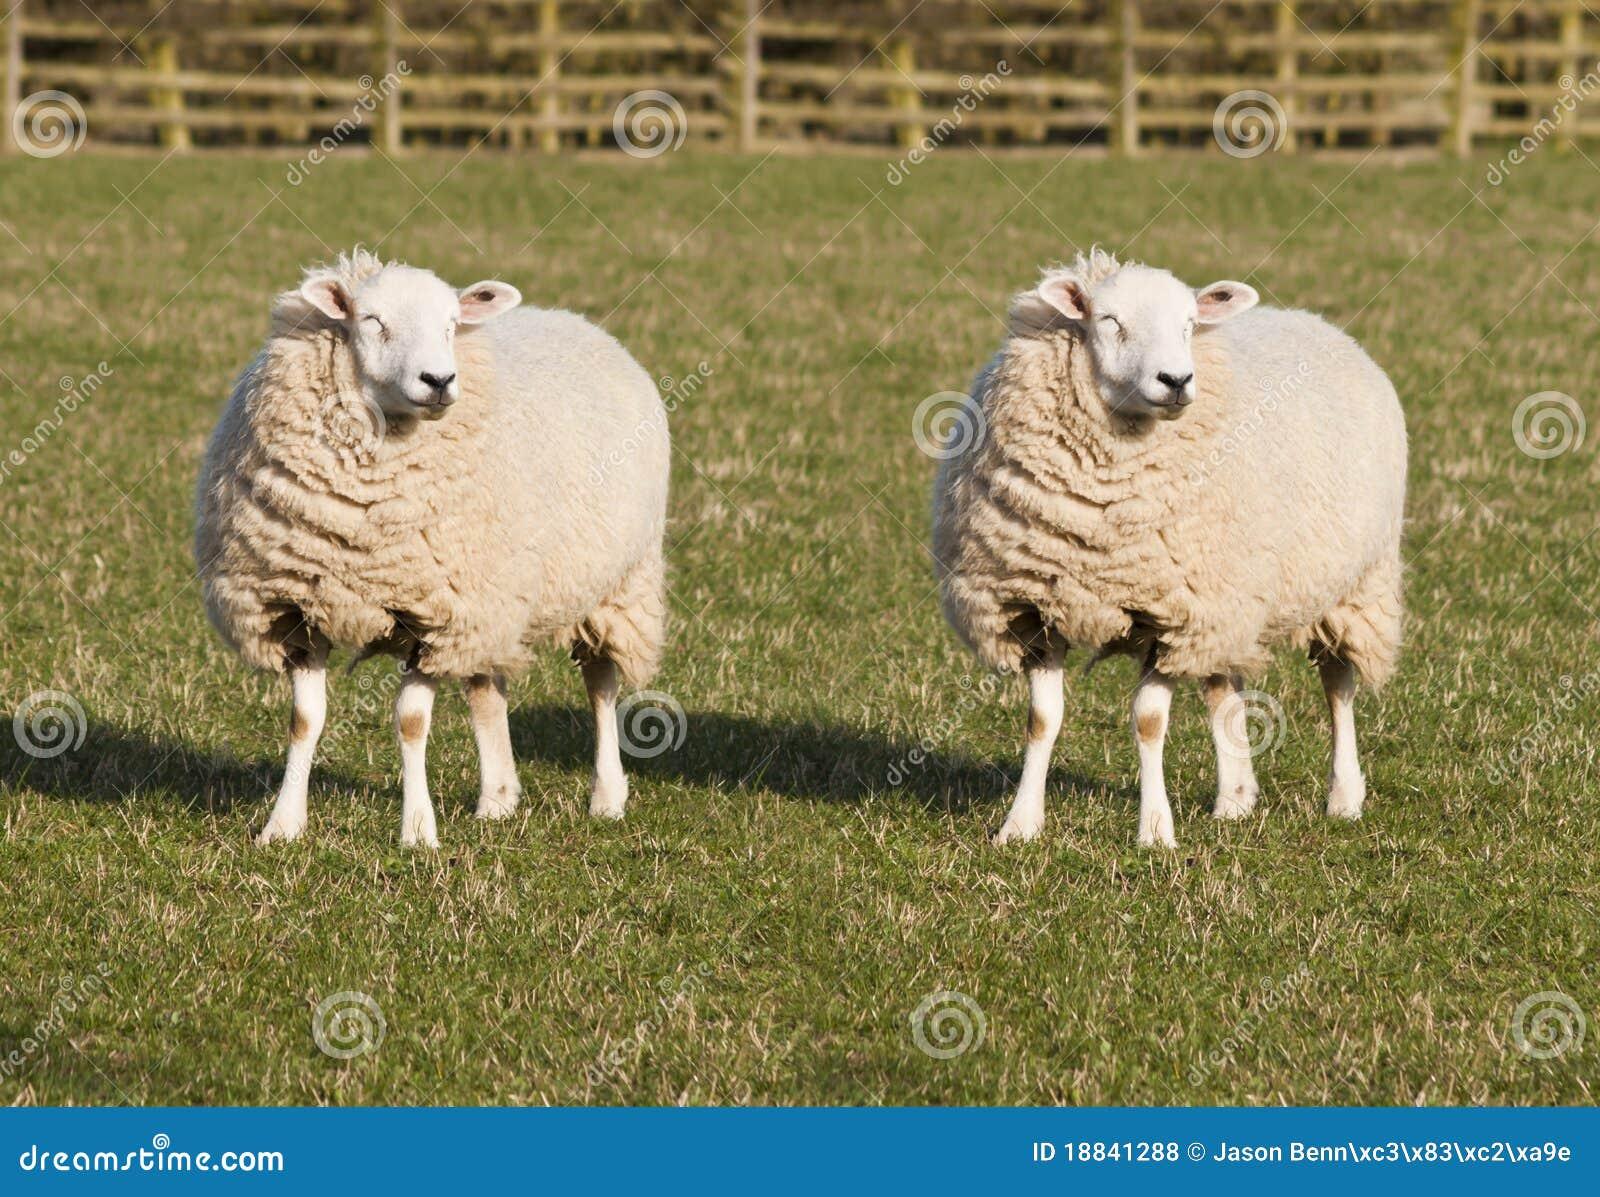 Clonage de moutons photo stock image du biologie ferme - Photos de moutons gratuites ...